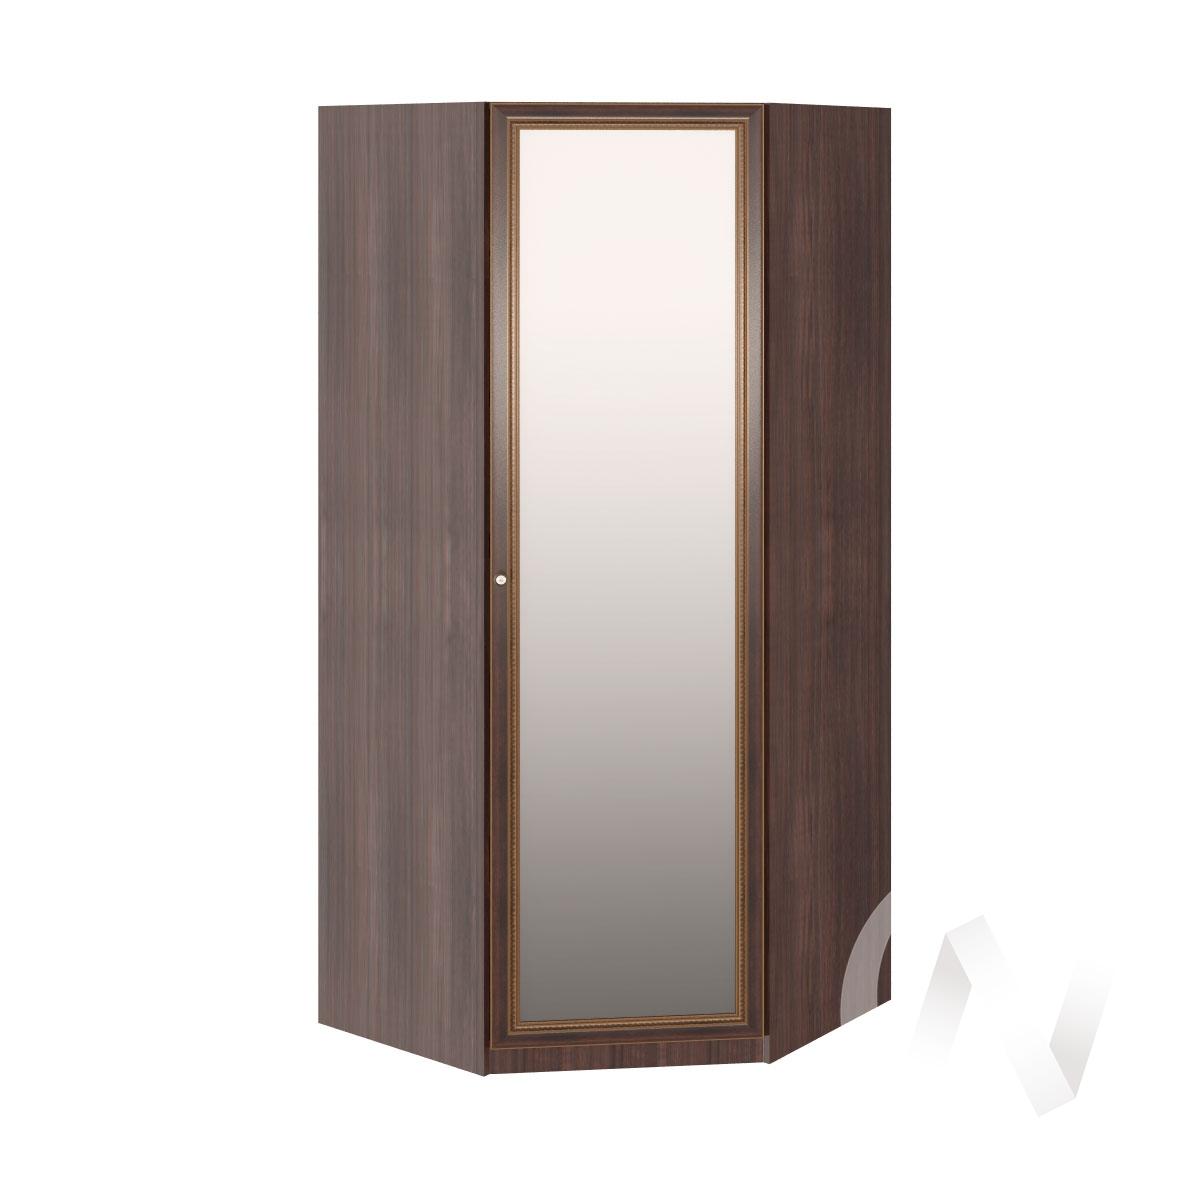 Угловой шкаф М01 Спальня Беатрис (орех гепланкт)